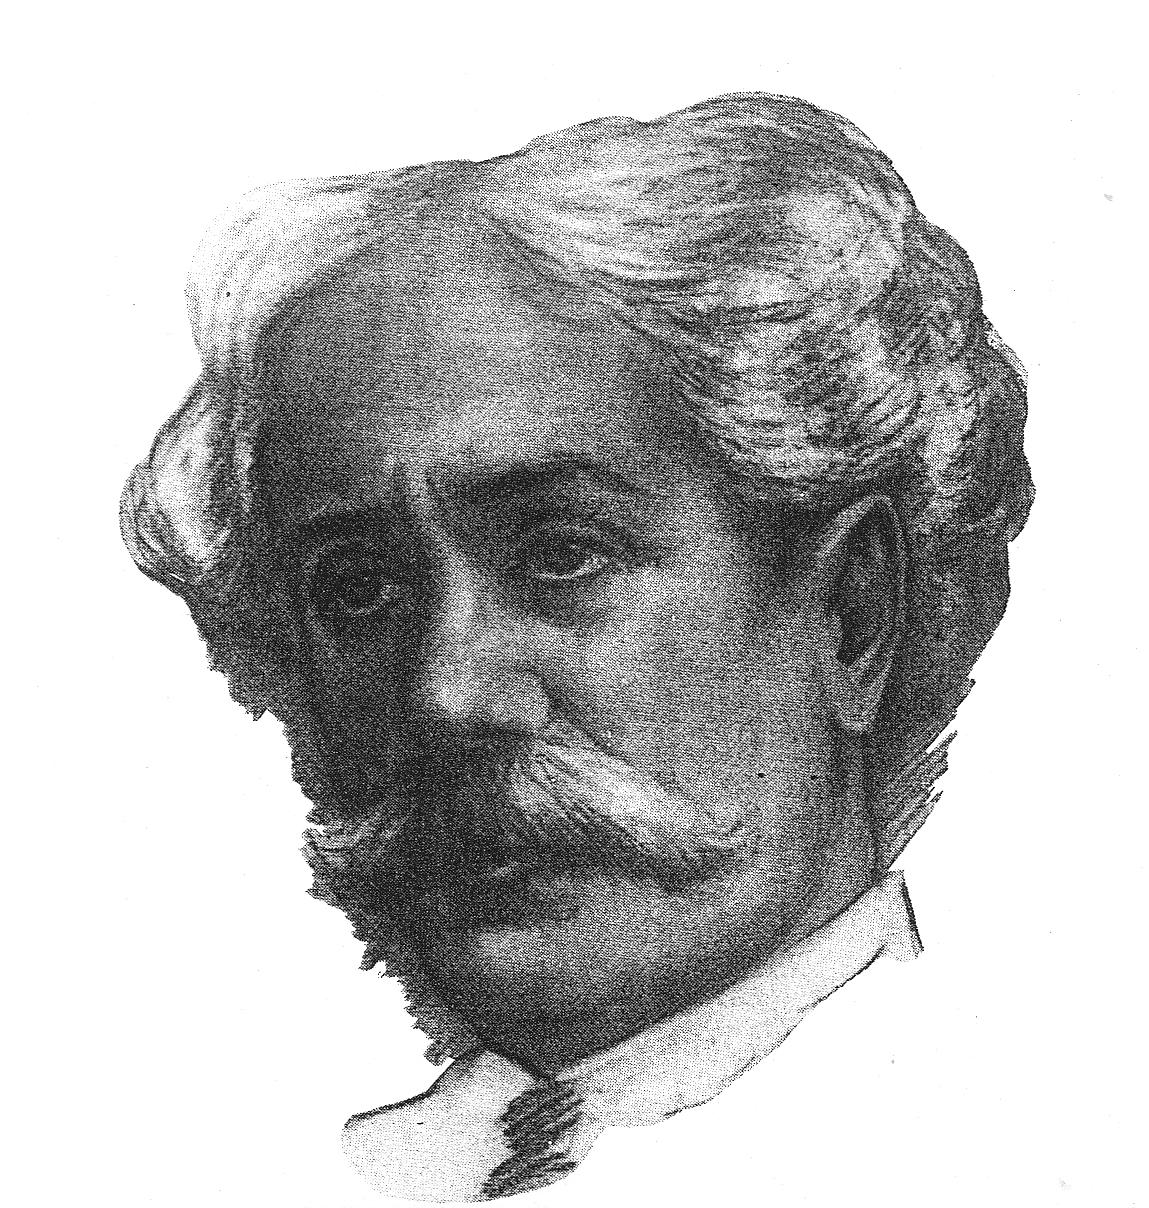 MÁLAGA 1881: DOS CONCIERTOS DE SARASATE EN EL TEATRO PRINCIPAL